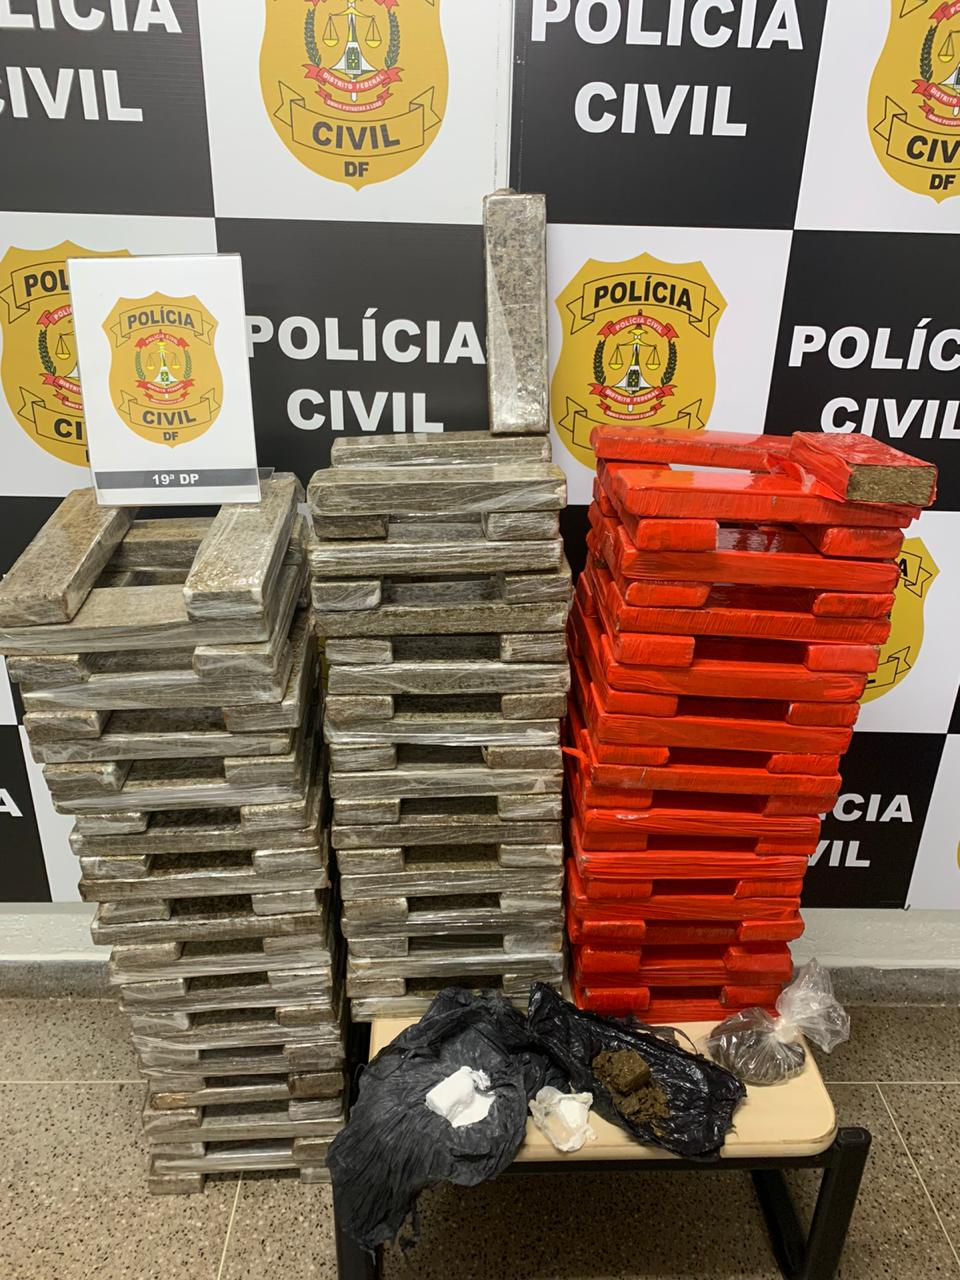 Foto: Divulgação/PCDF